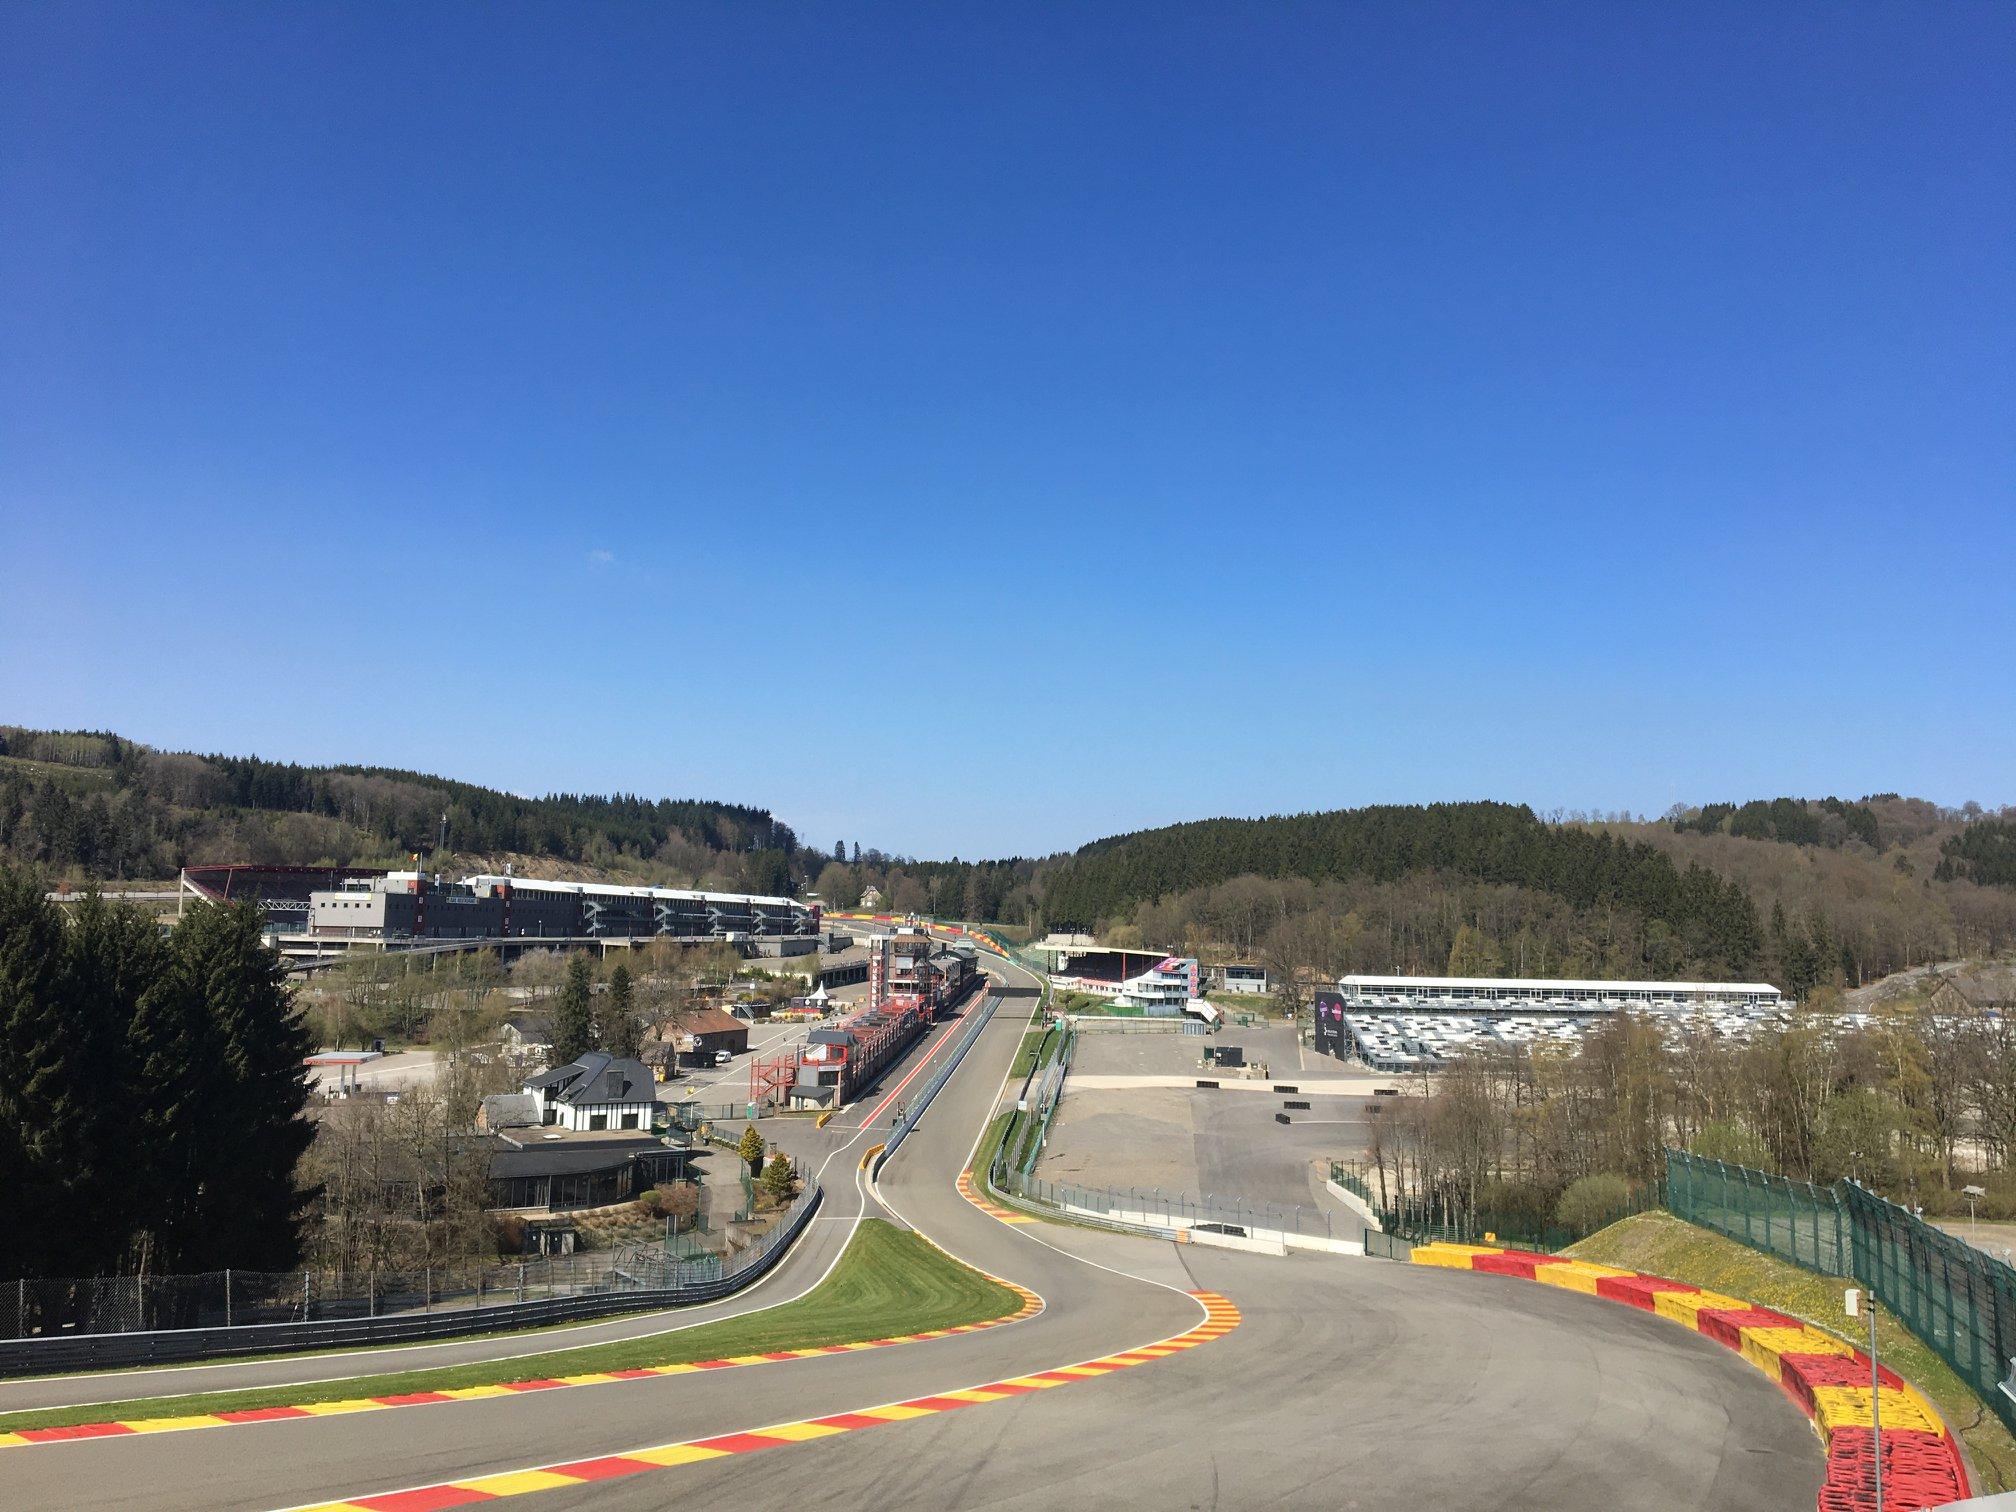 Spa-Francorchamps tendrá una renovación de 80 millones de euros